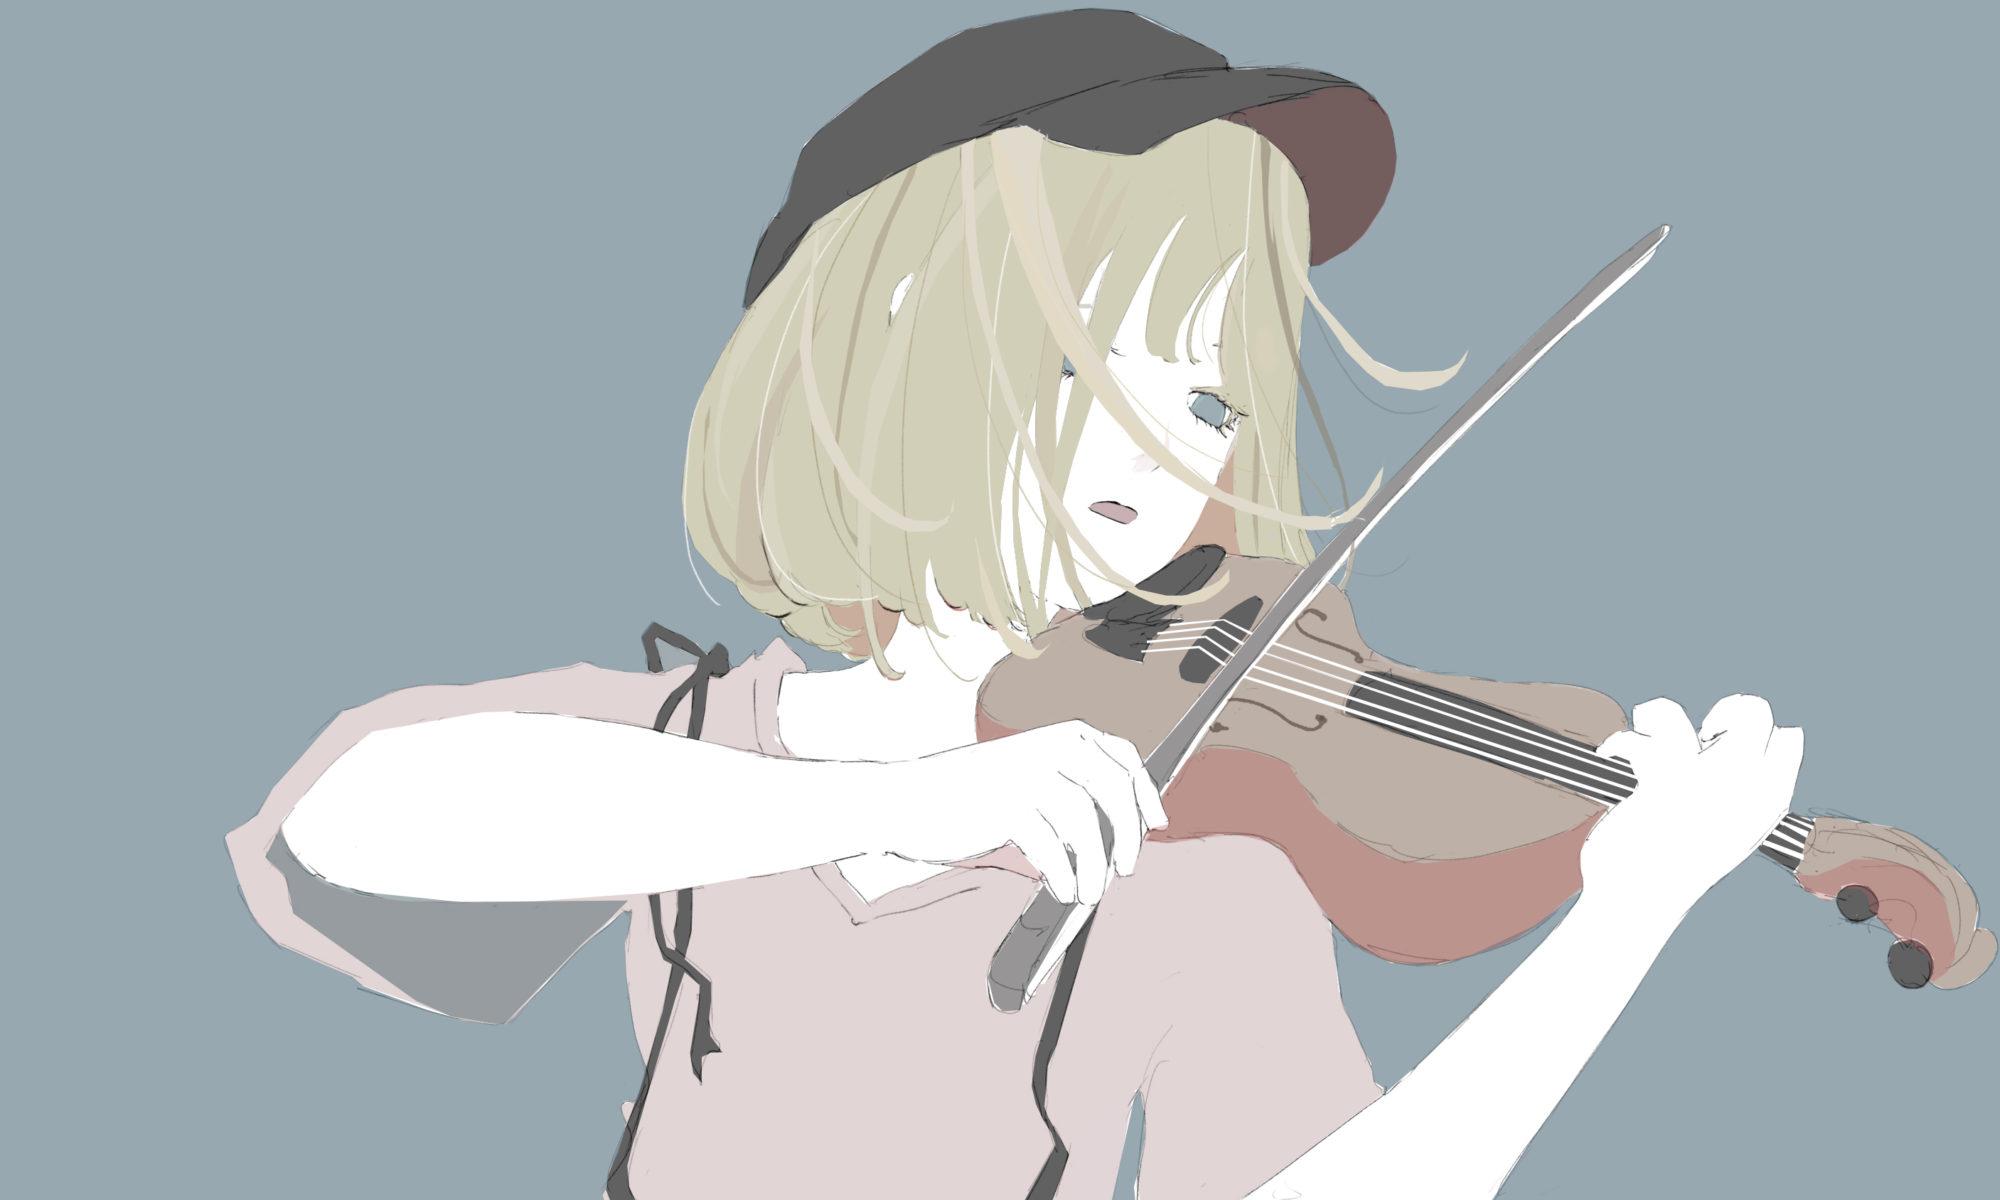 バイオリンを弾く女の子のフリーイラスト